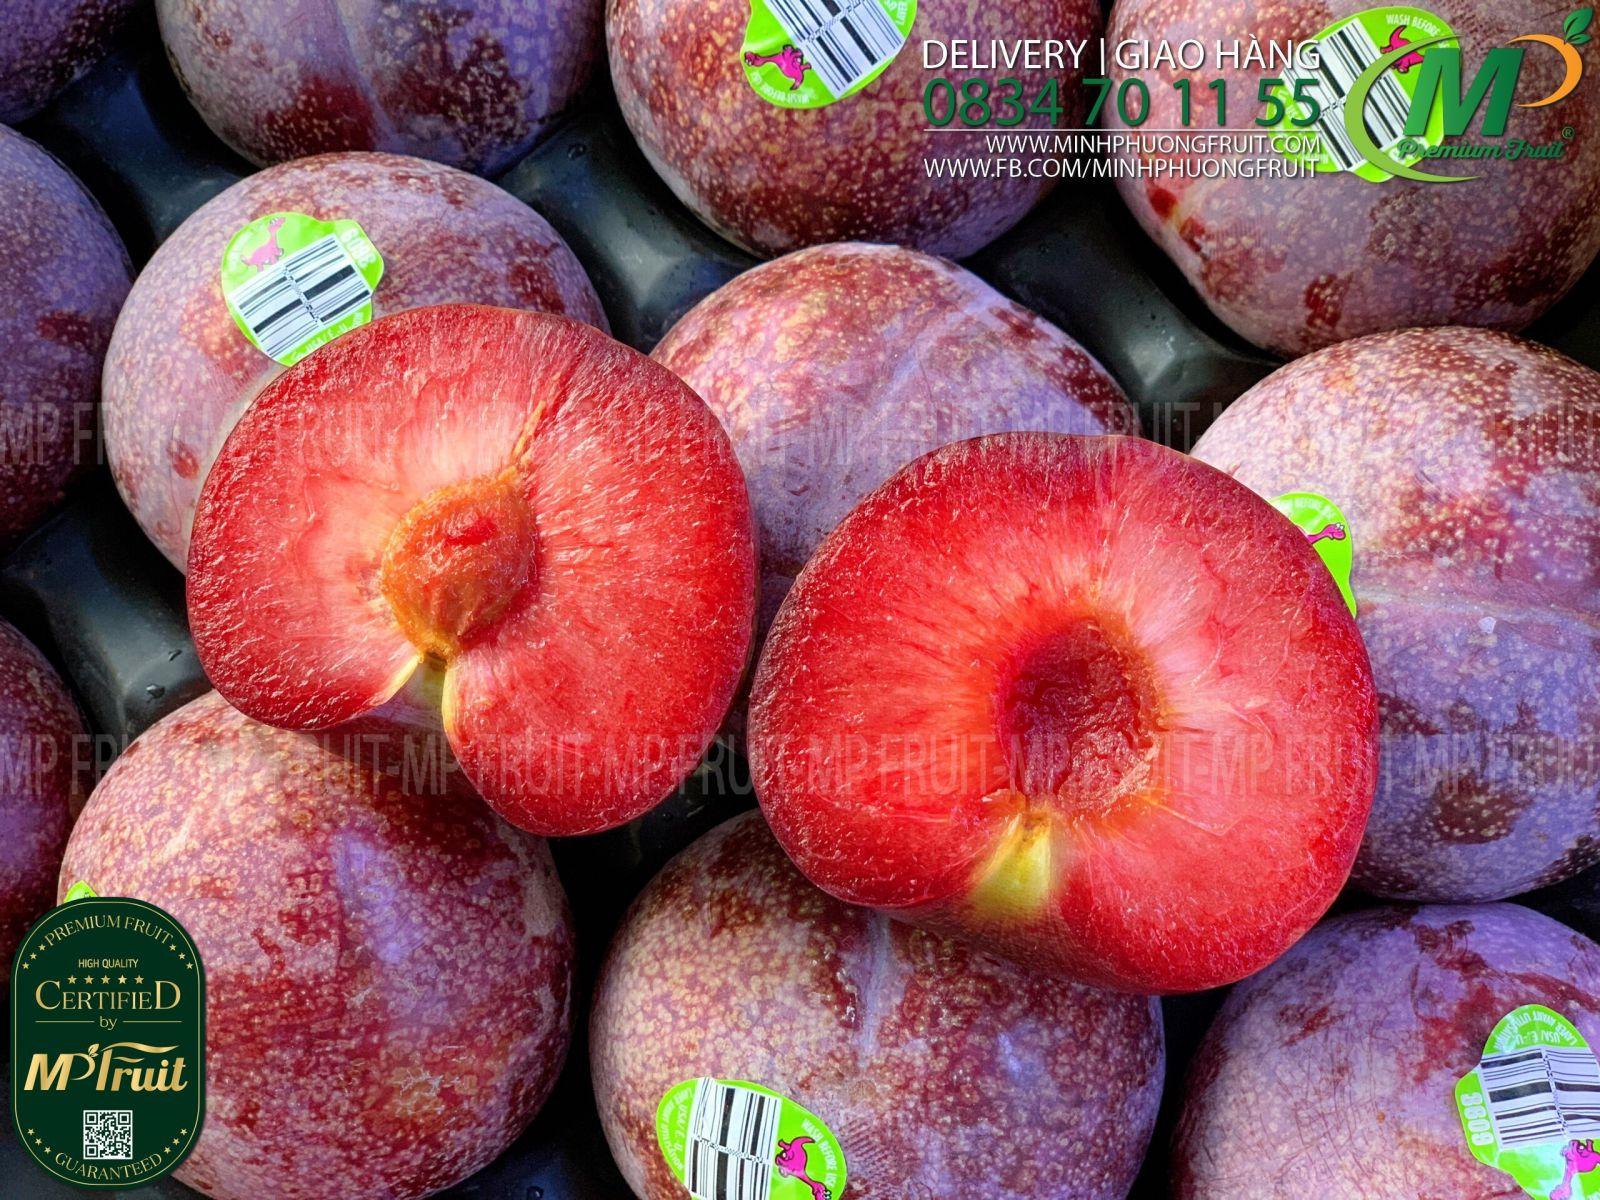 Mận Khủng Long Đỏ Mỹ tại MP Fruits